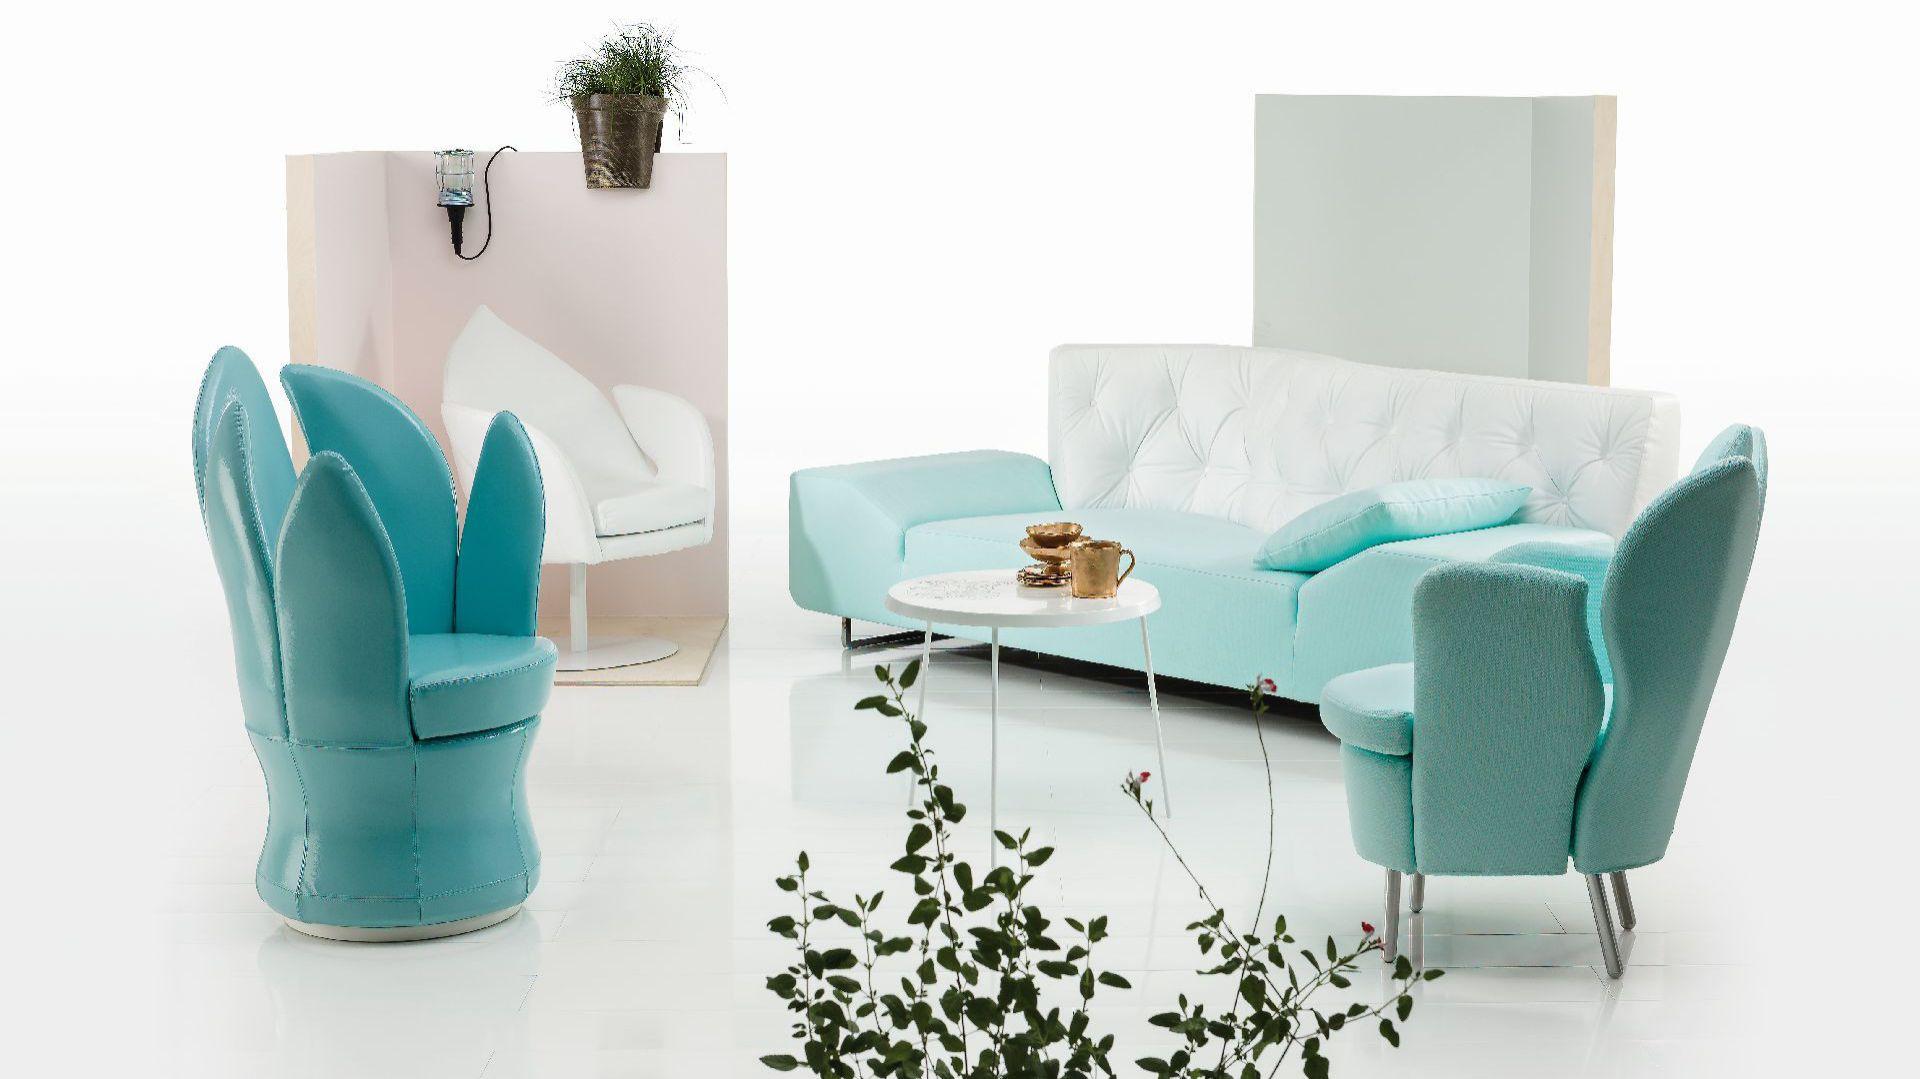 Meble projektu Kati Meyer-Bruhl to lekka i subtelna forma przyodziana w piękne kolory i tkaniny. Fot. Brühl.